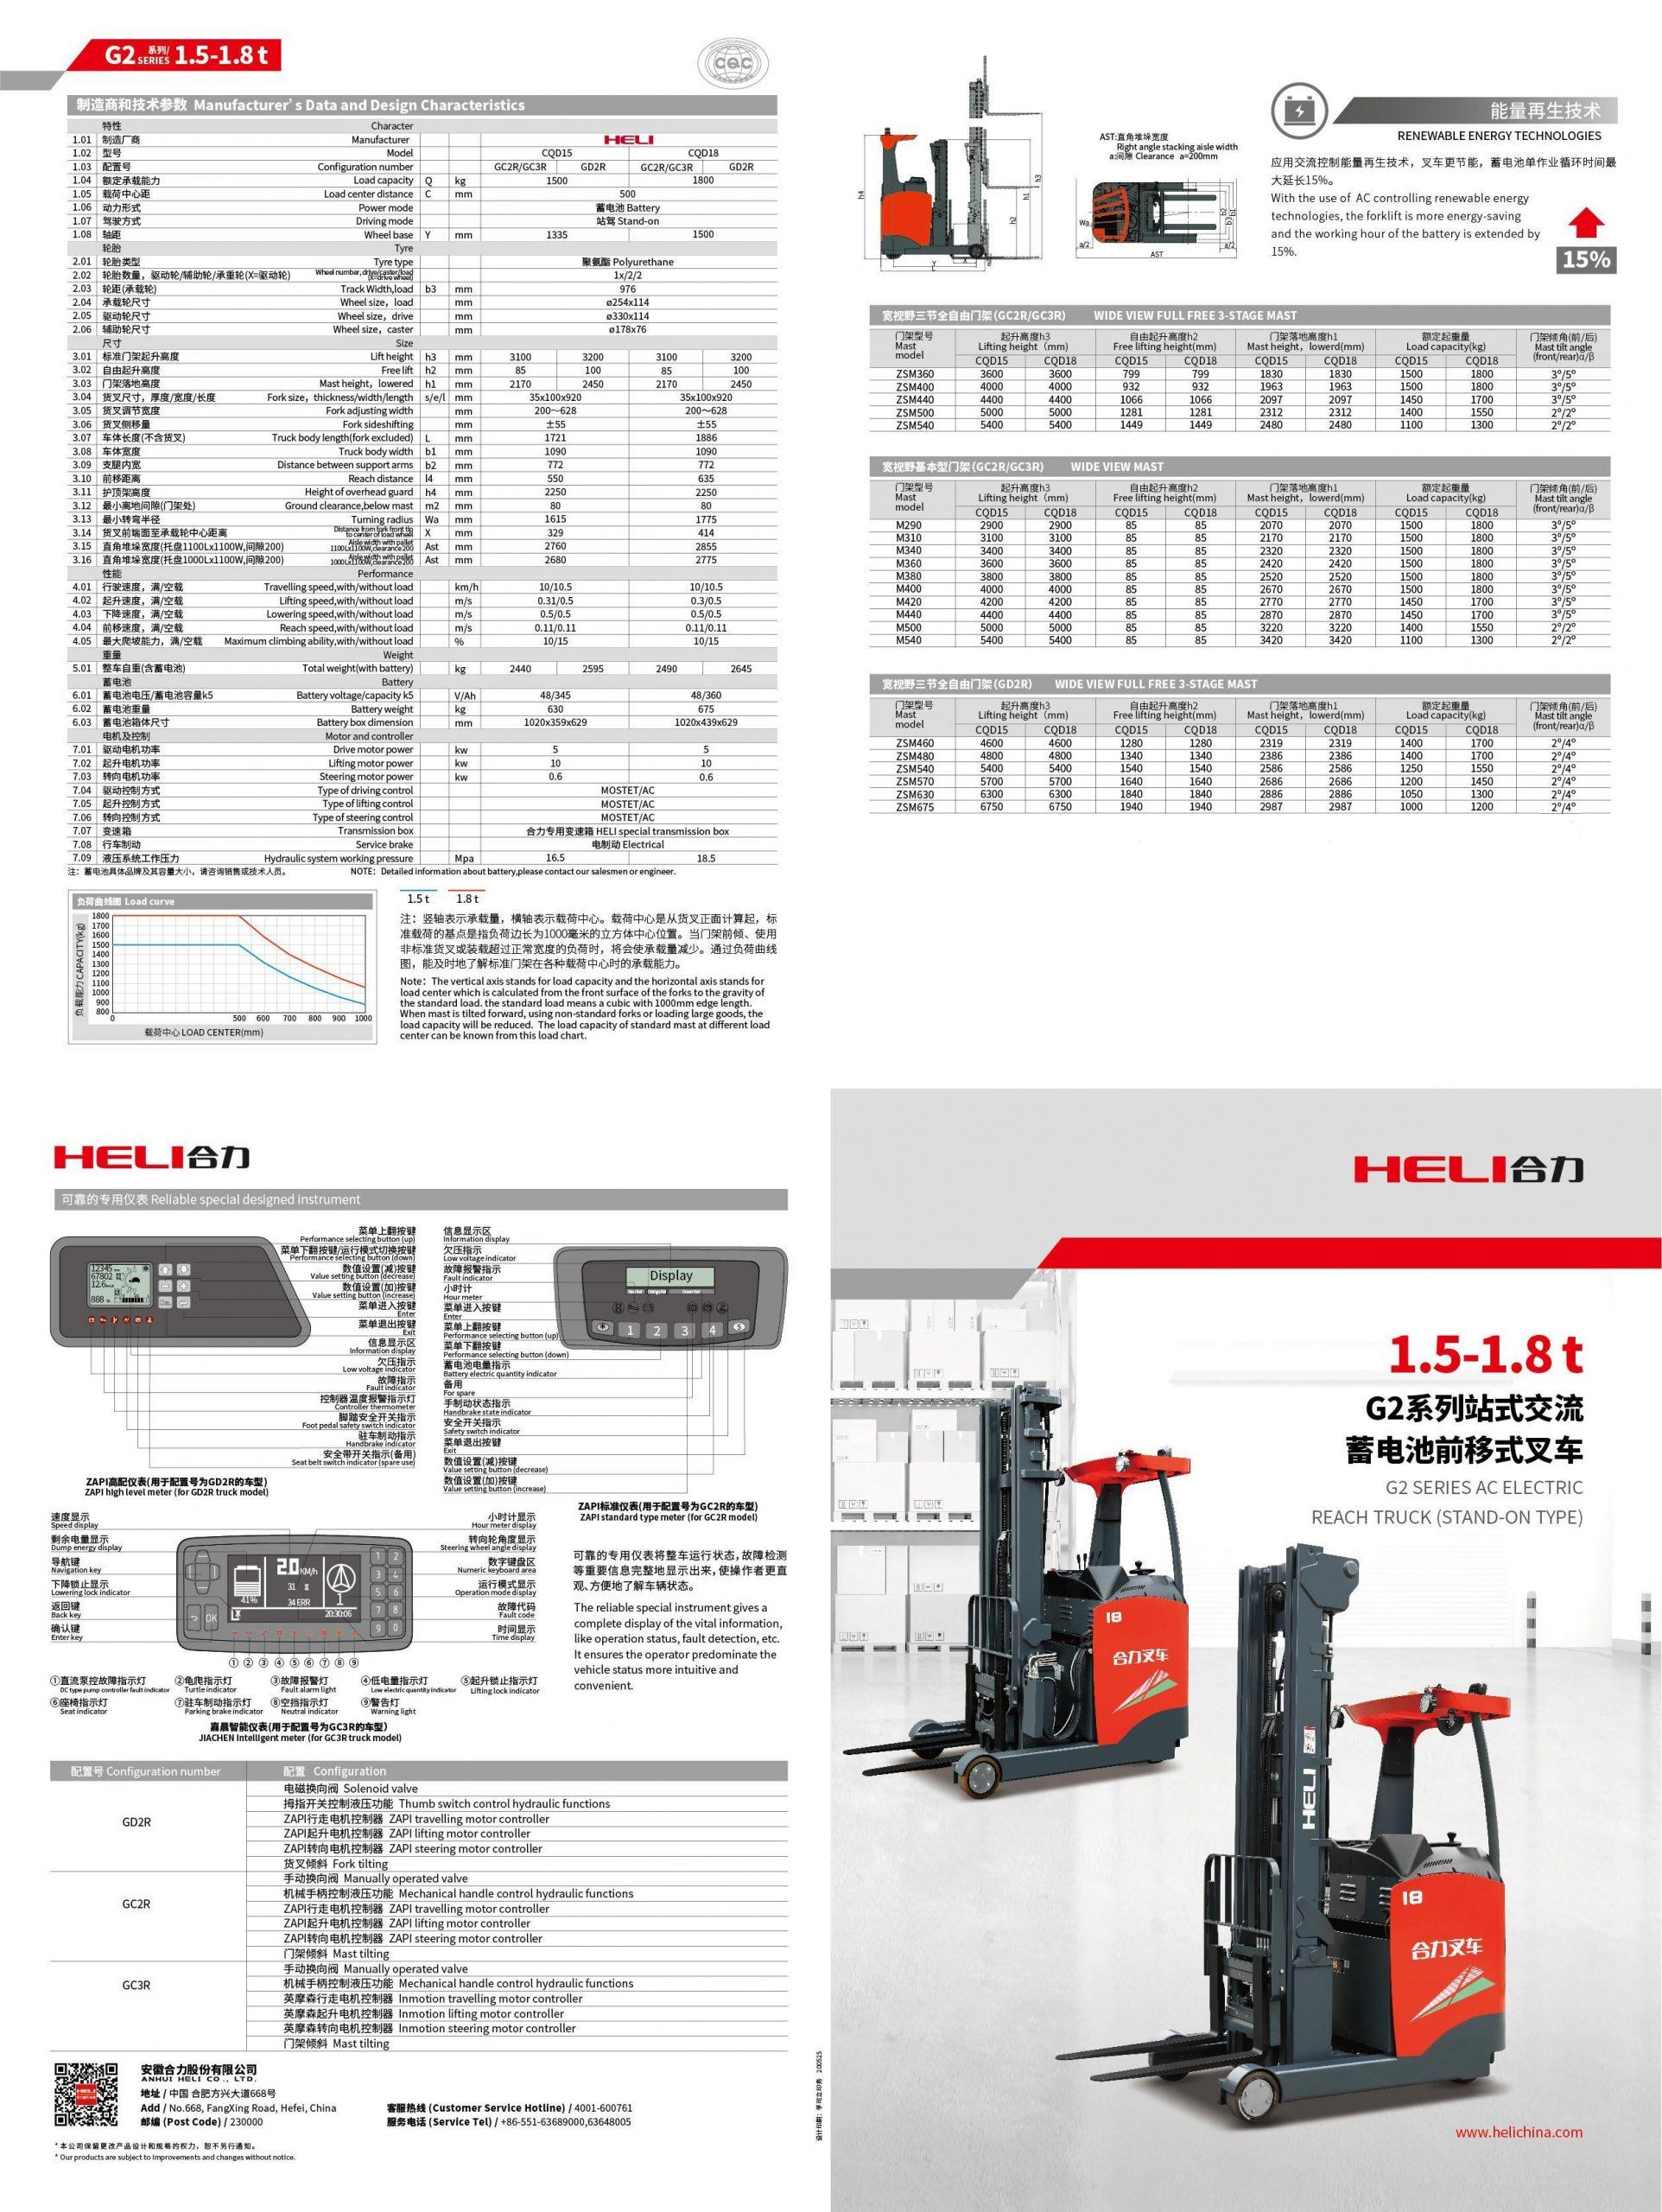 Reach Truck Heli 1.5 1.8 Tan 1.jpg